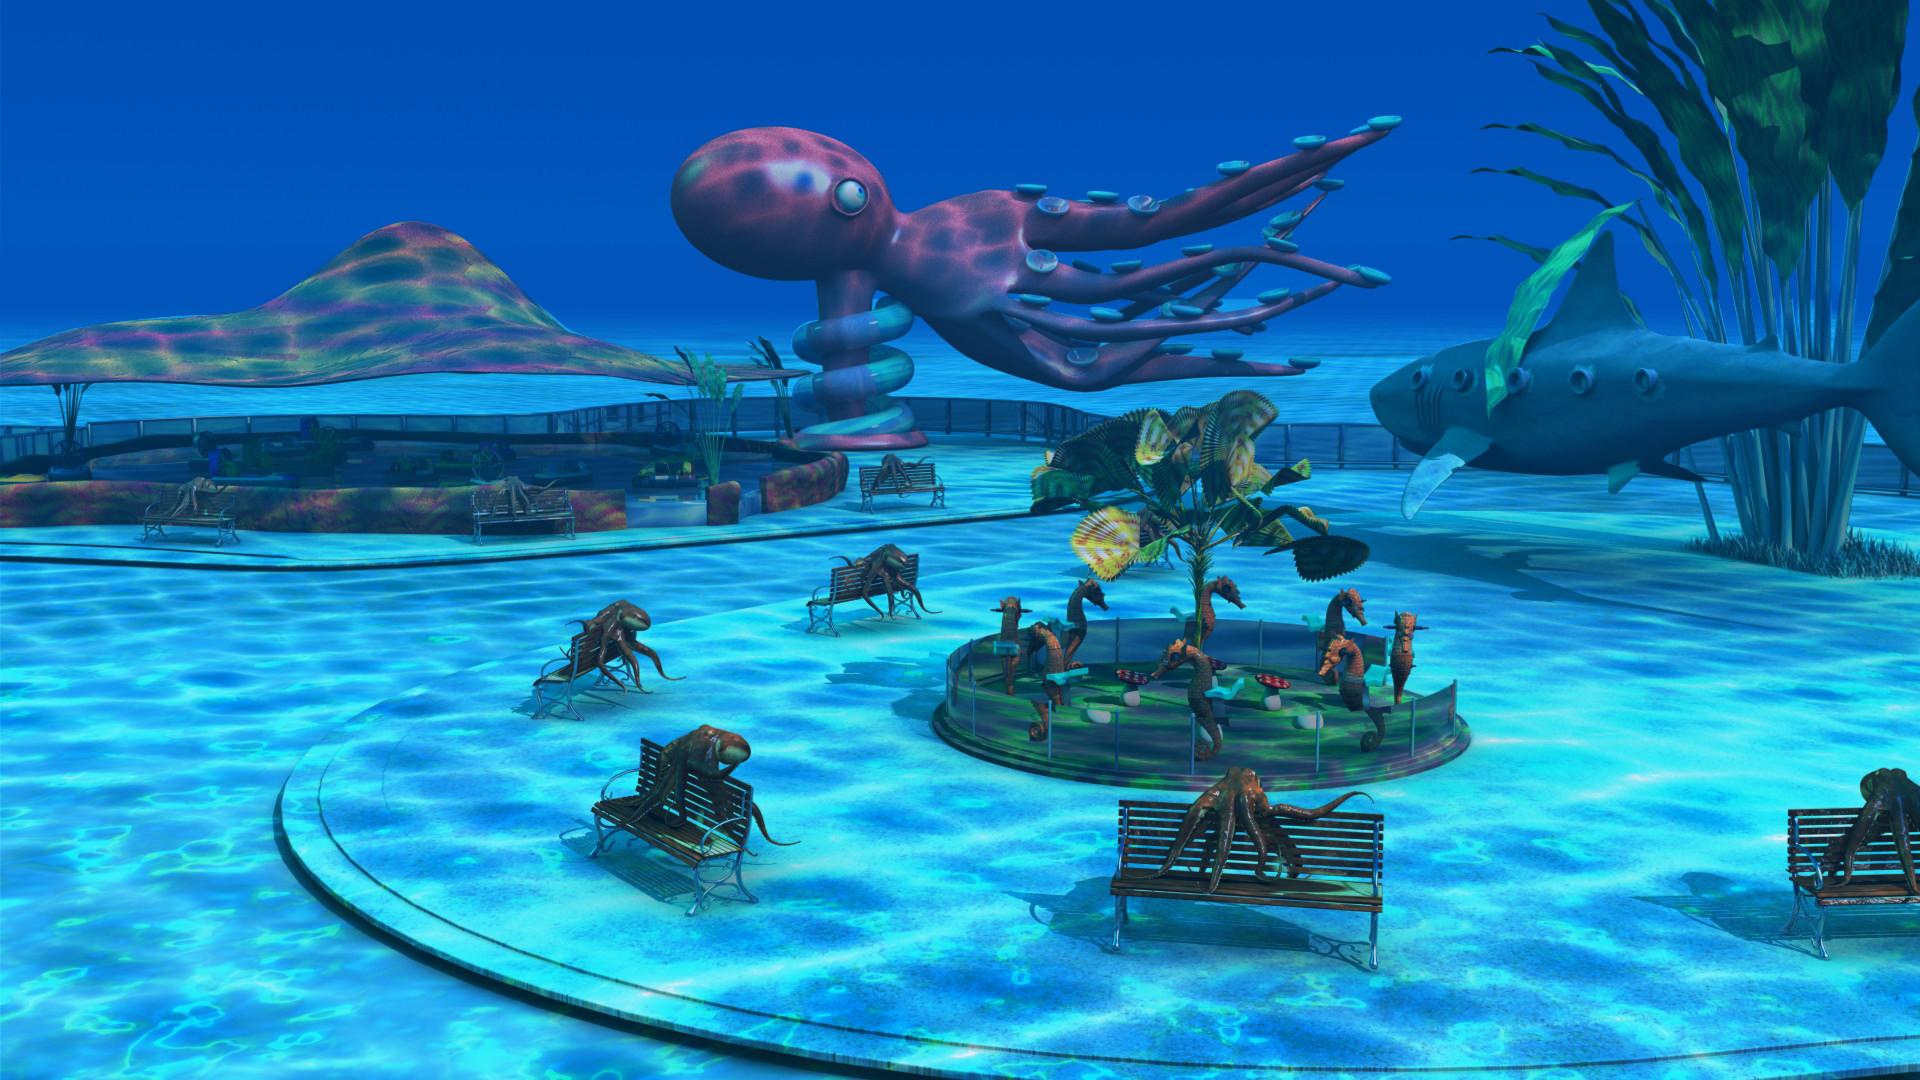 Underwater Park No.2 by Oigres-Kun on DeviantArt